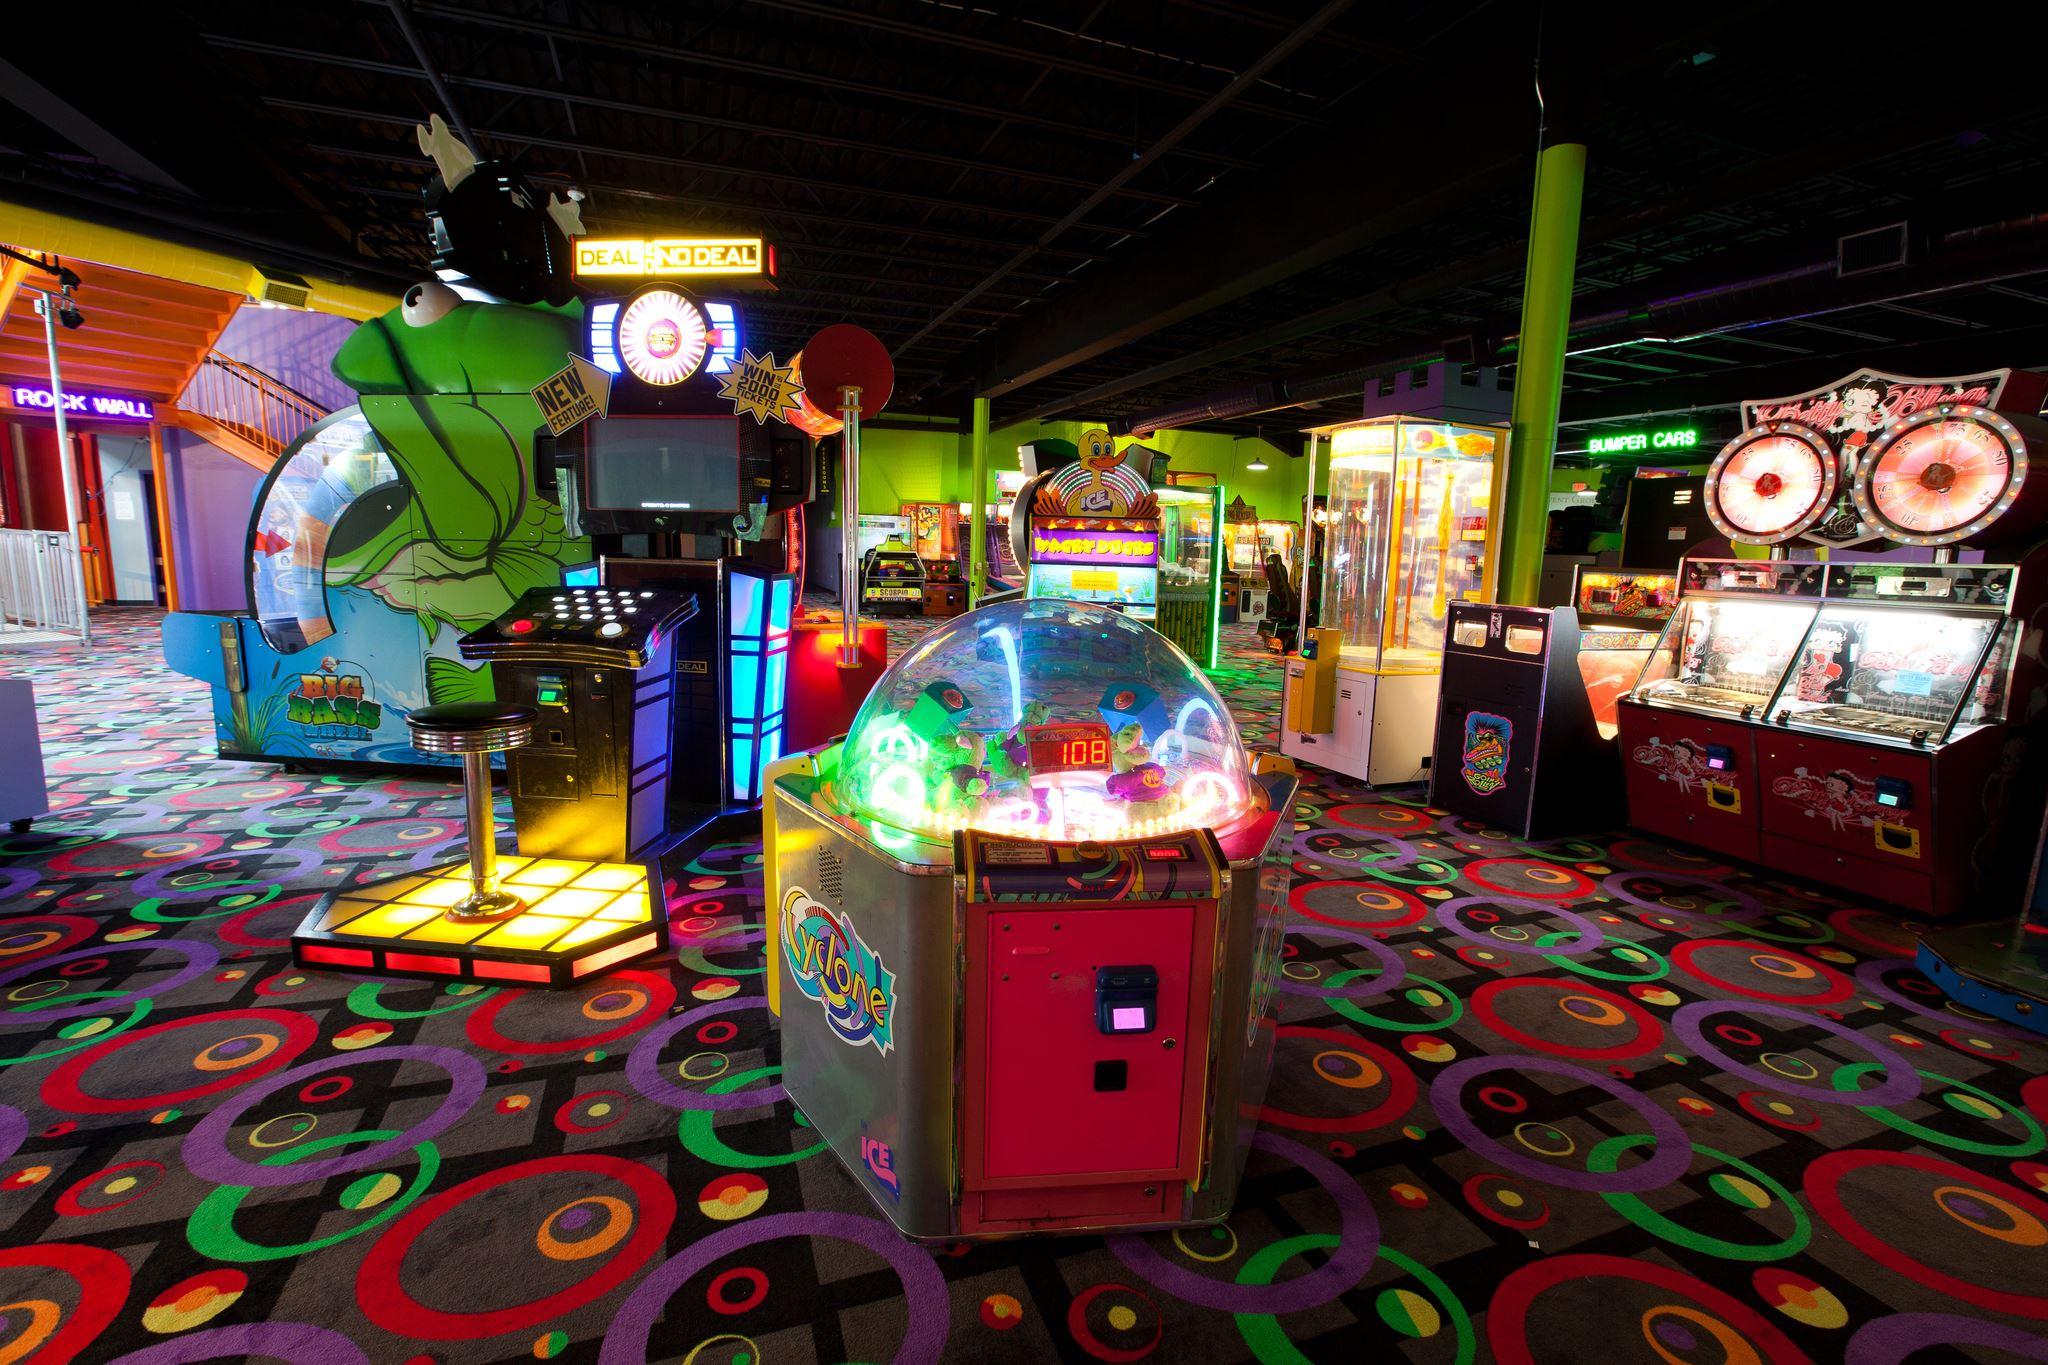 castle-fun-center-arcade